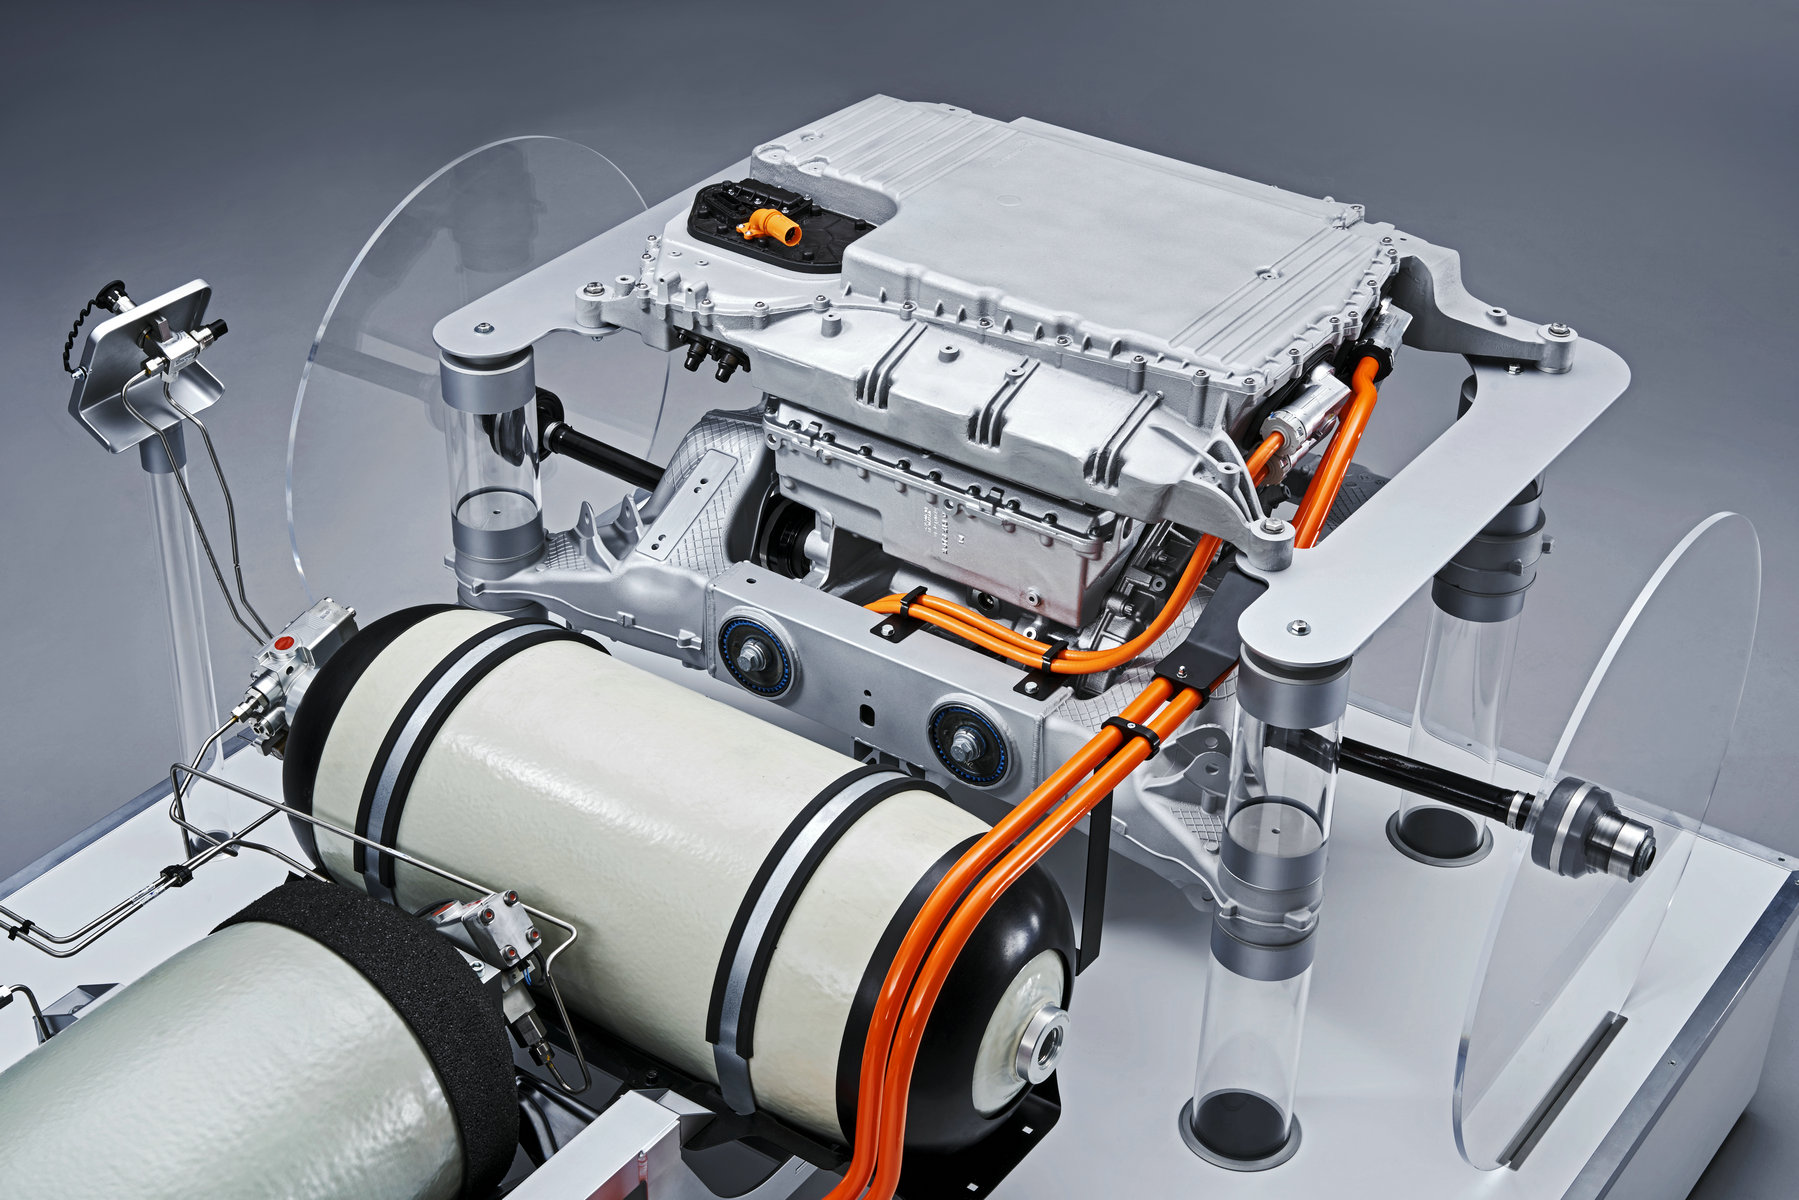 宝马首次披露氢燃料电池技术细节,2022年小规模量产